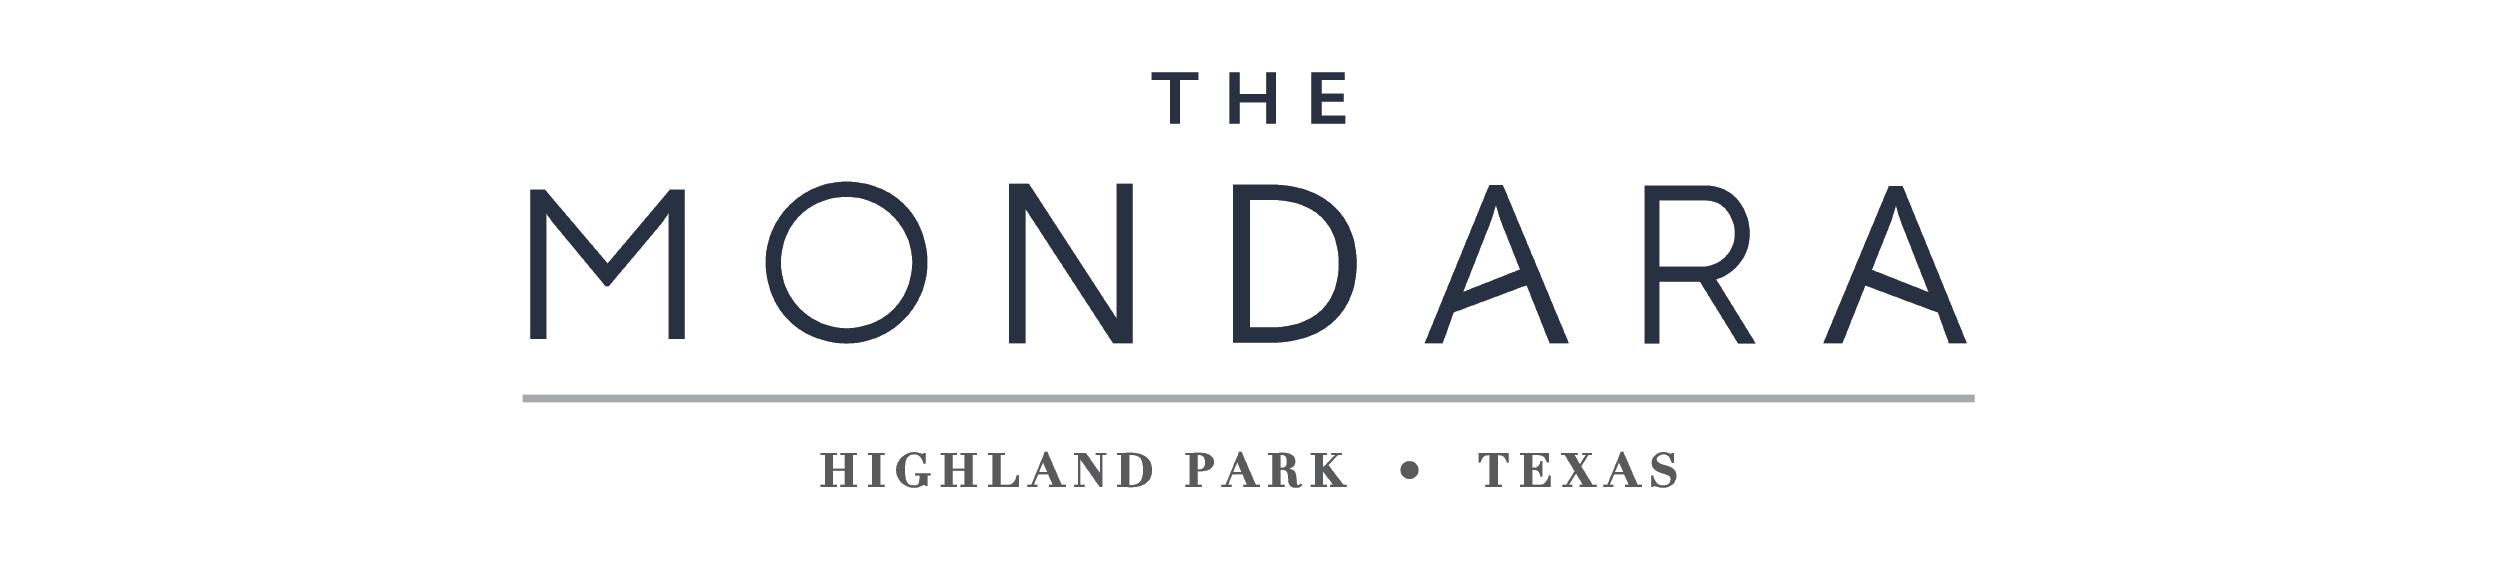 The Mondara